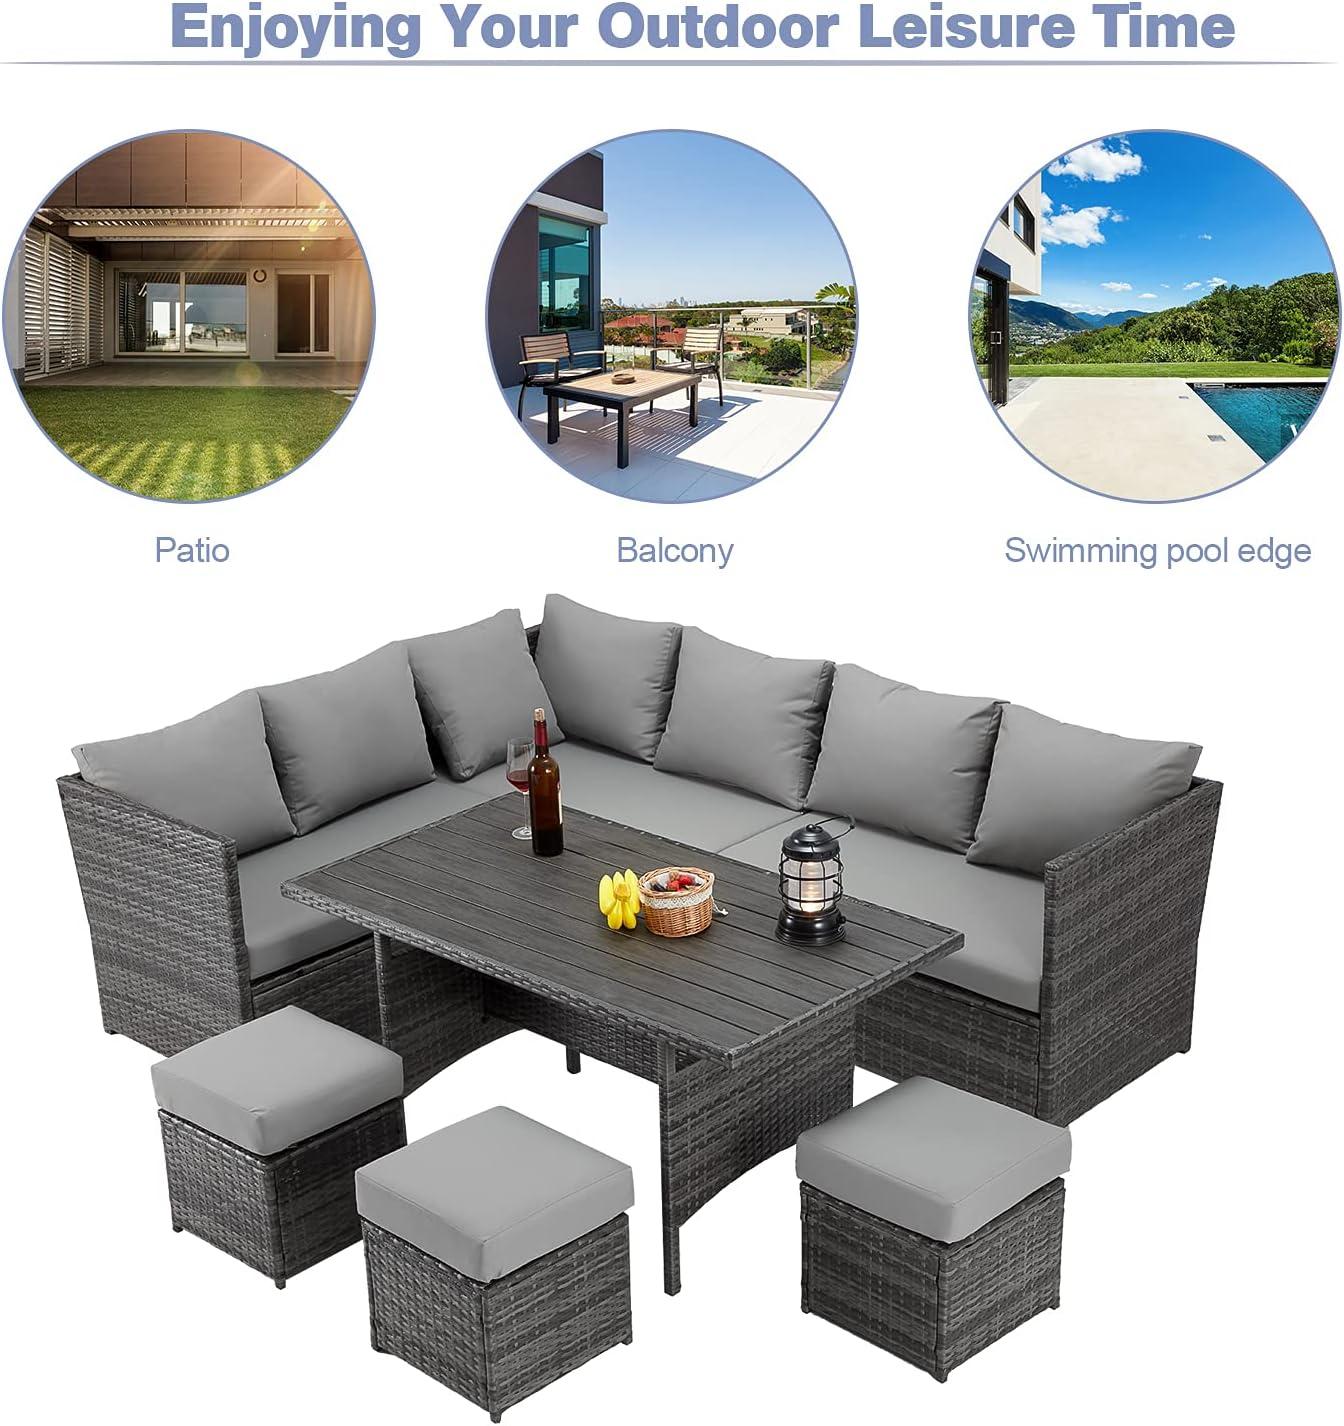 Buy U MAX 20 Pieces Outdoor Patio Furniture Set,Wicker Patio ...